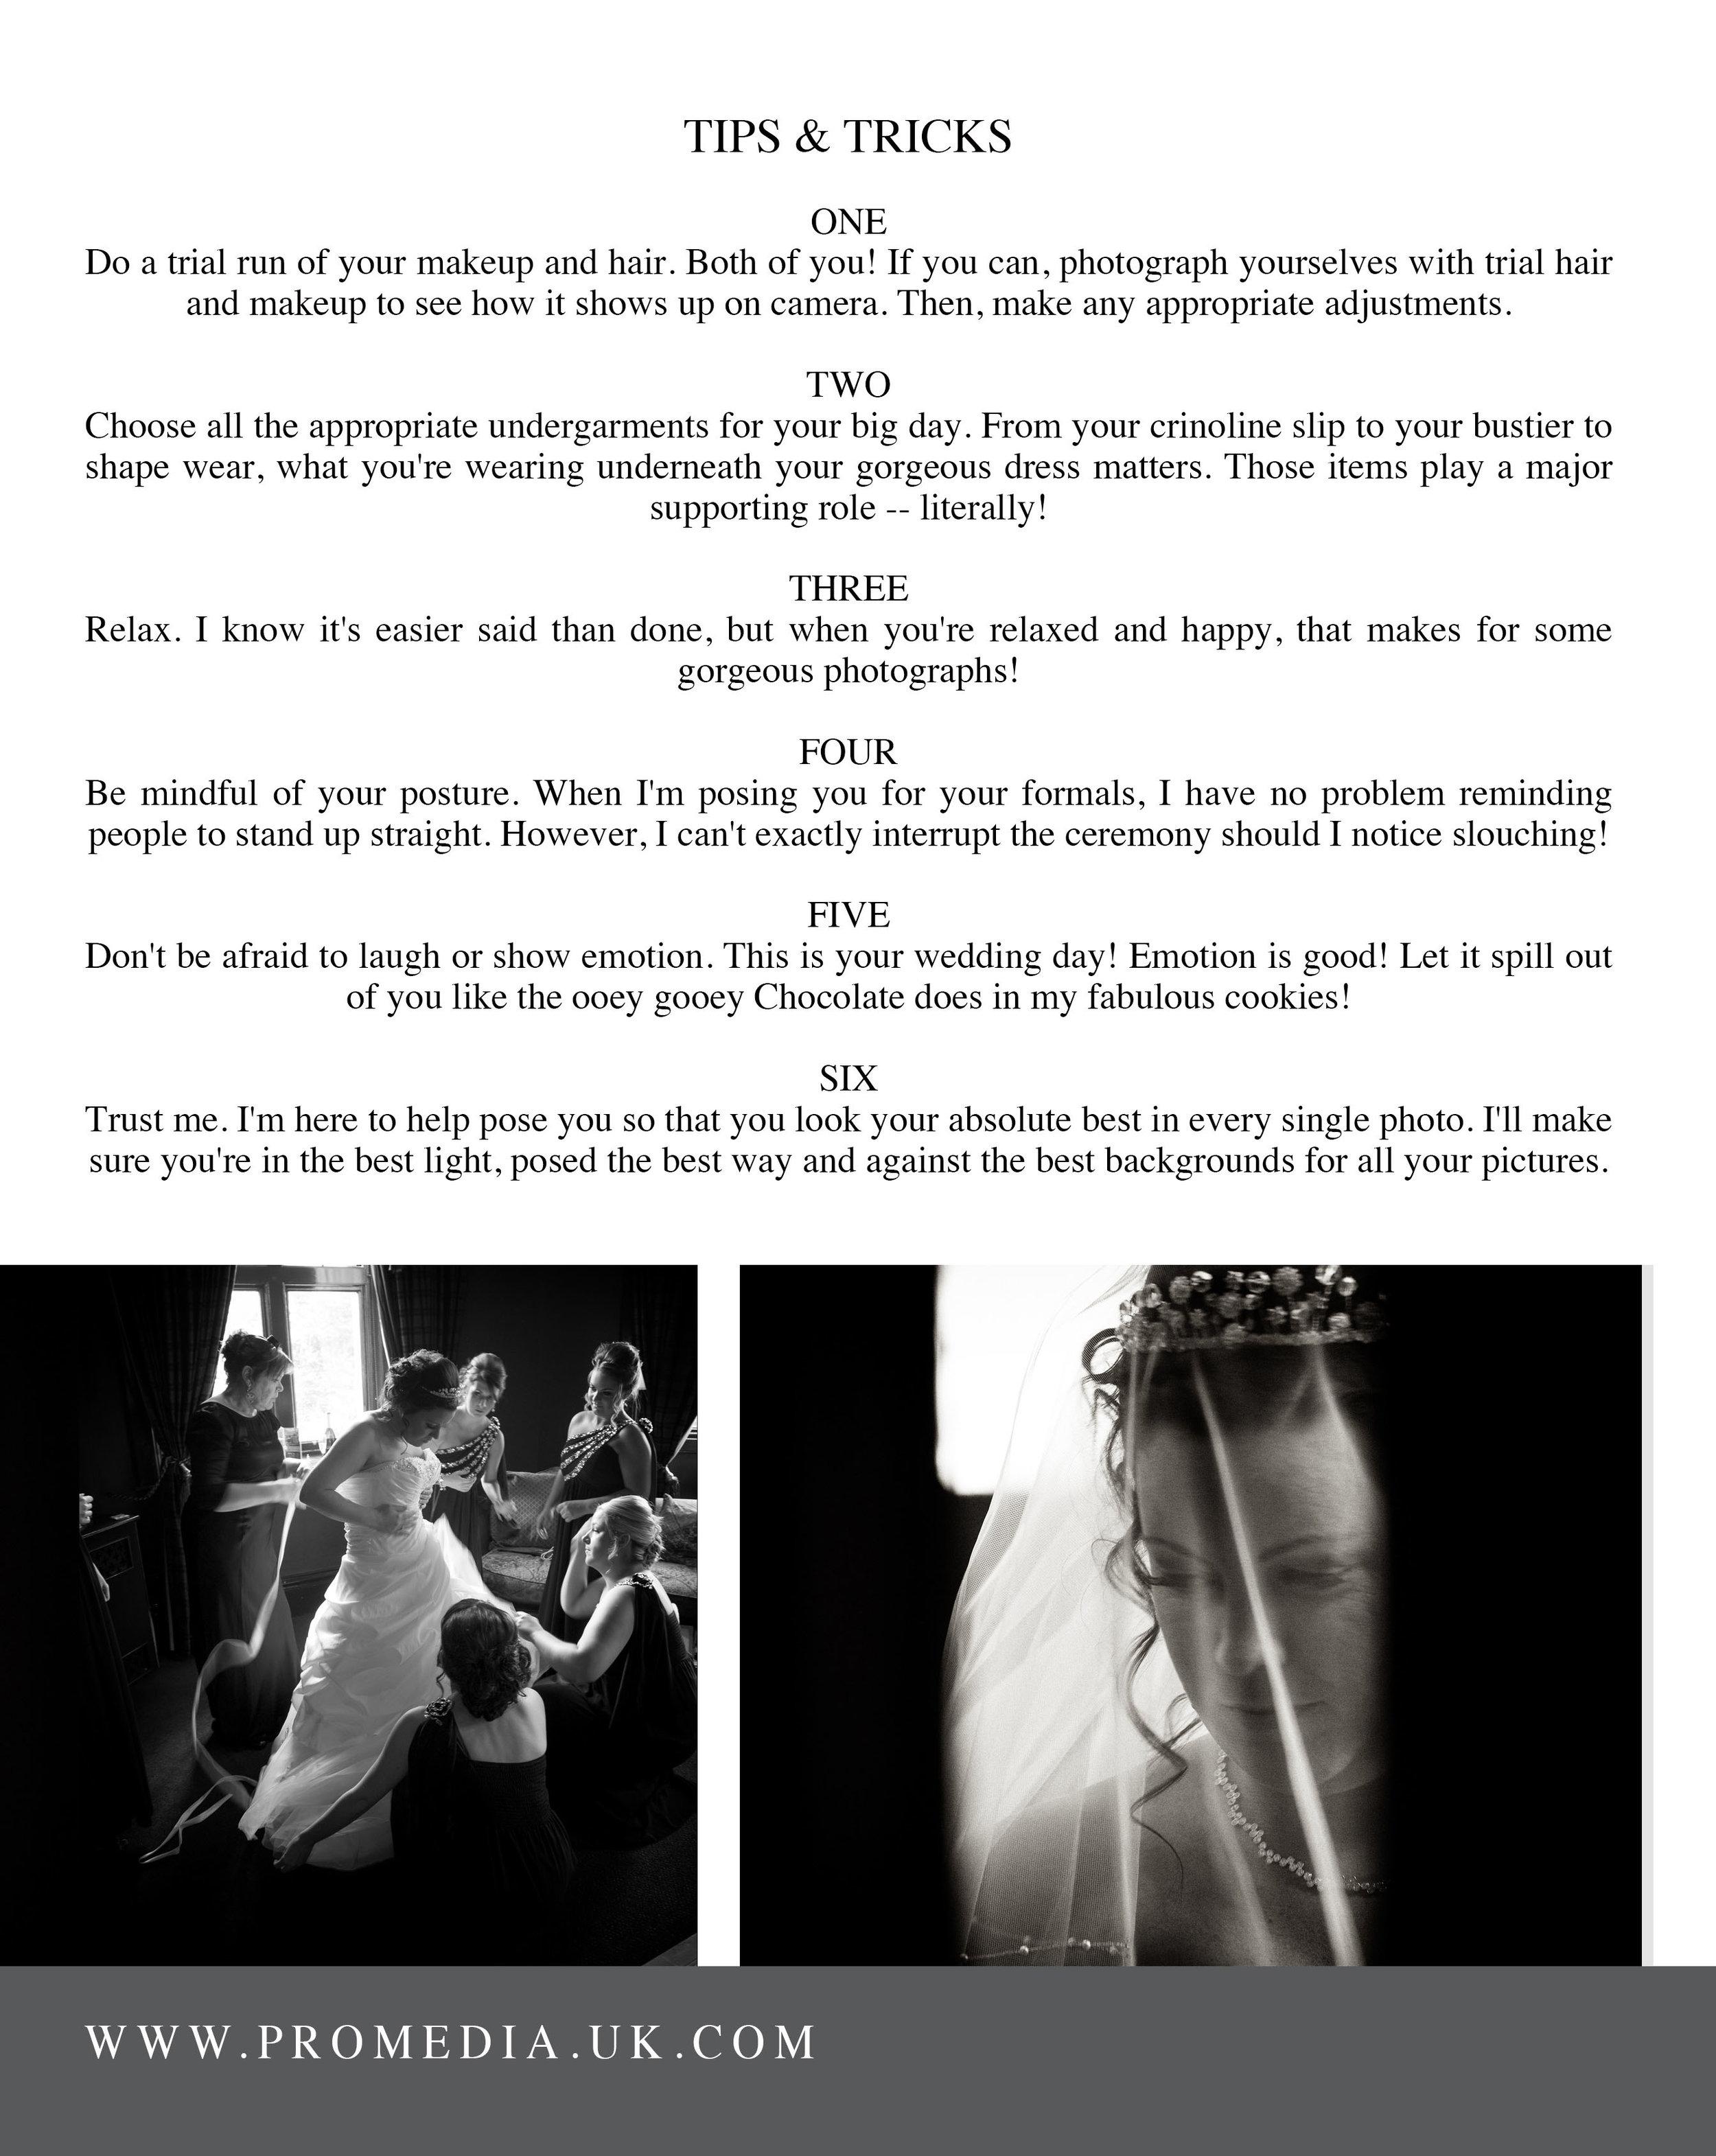 6 - BP4U - Wedding Client Guide - PG 9.jpg